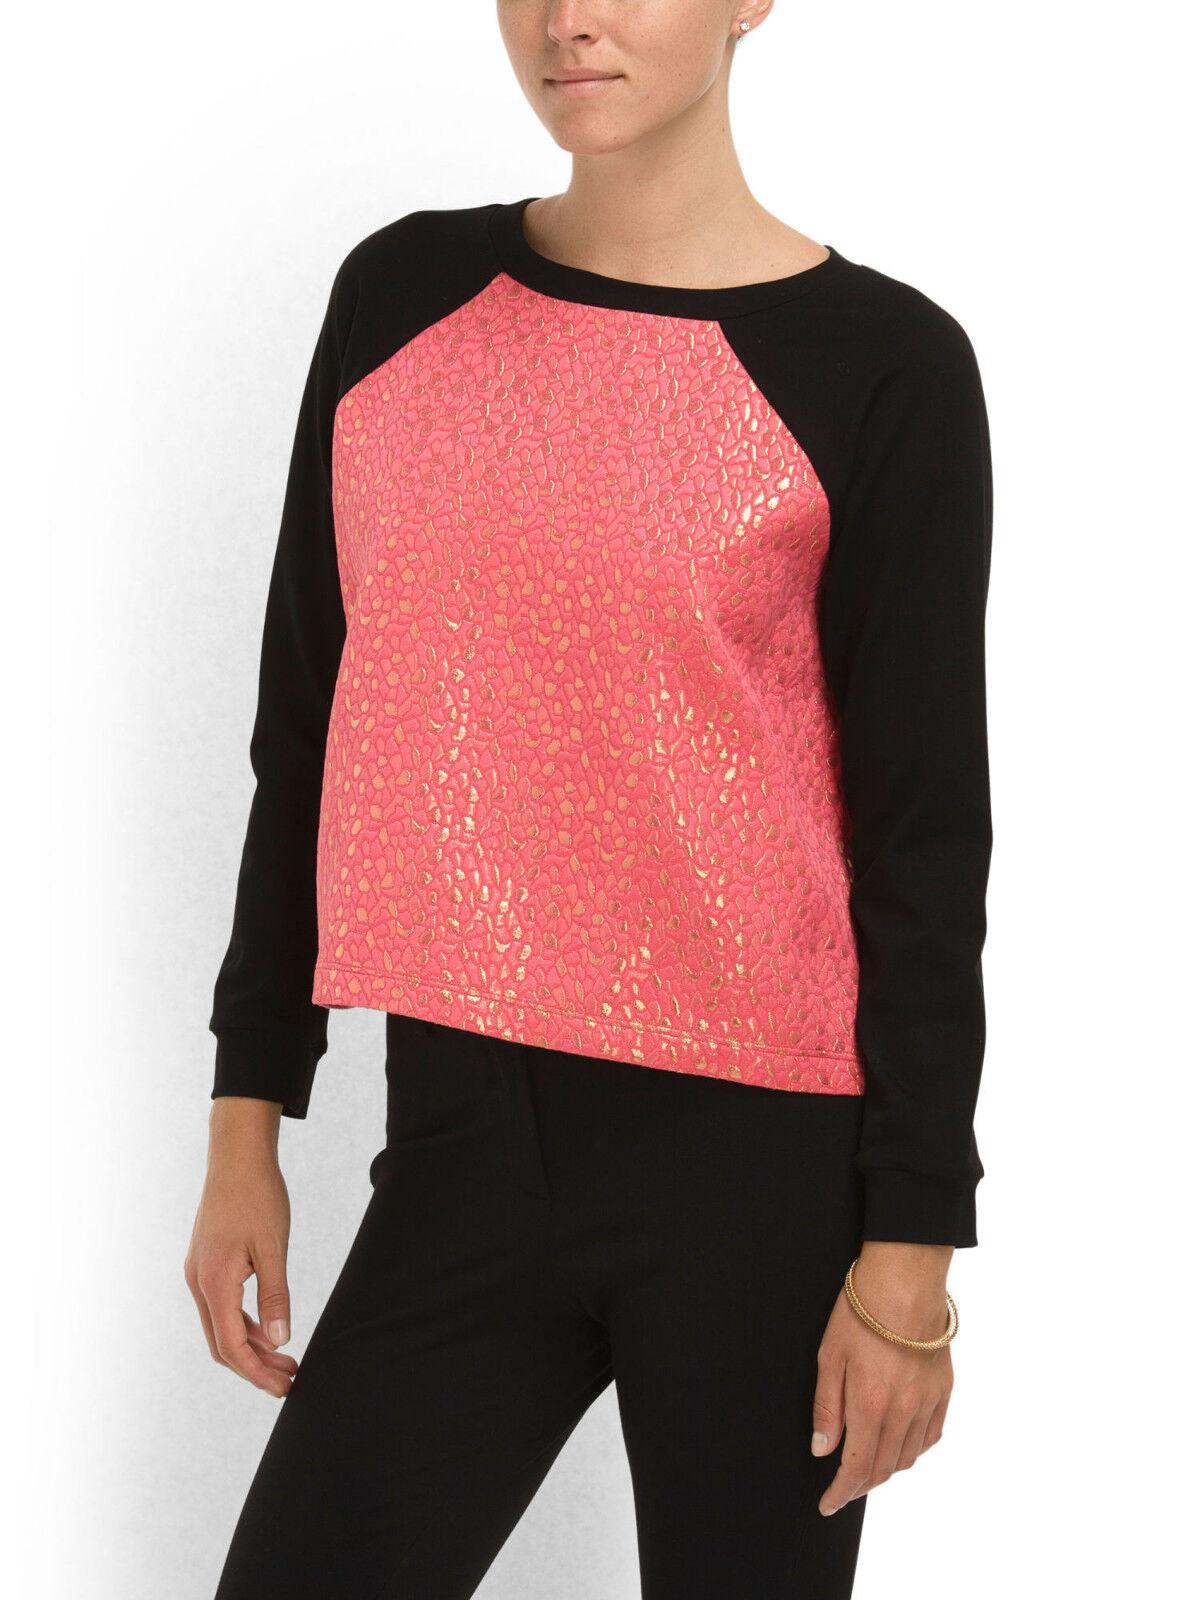 Cut25 Yigal Azrouel Metallic Jacquard Sweatshirt Top in Melon rot-NWT-RP  +